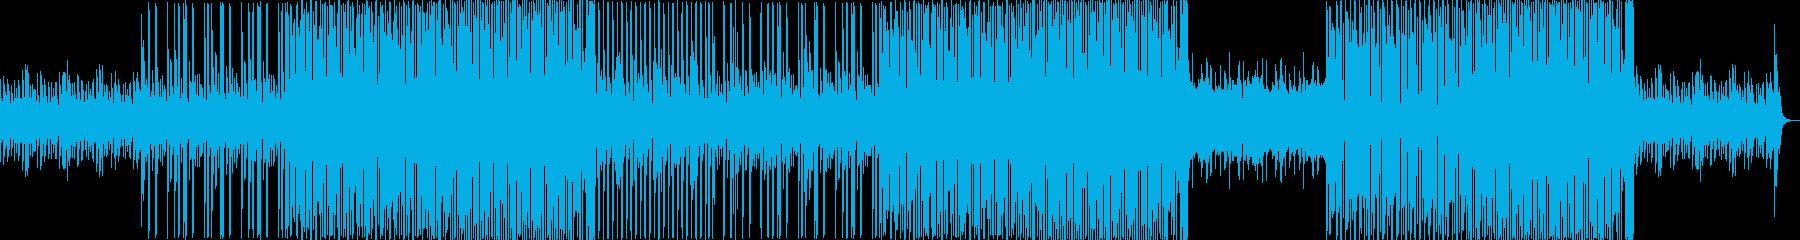 春・夏・爽やか・アップテンポ・ピアノ旋律の再生済みの波形